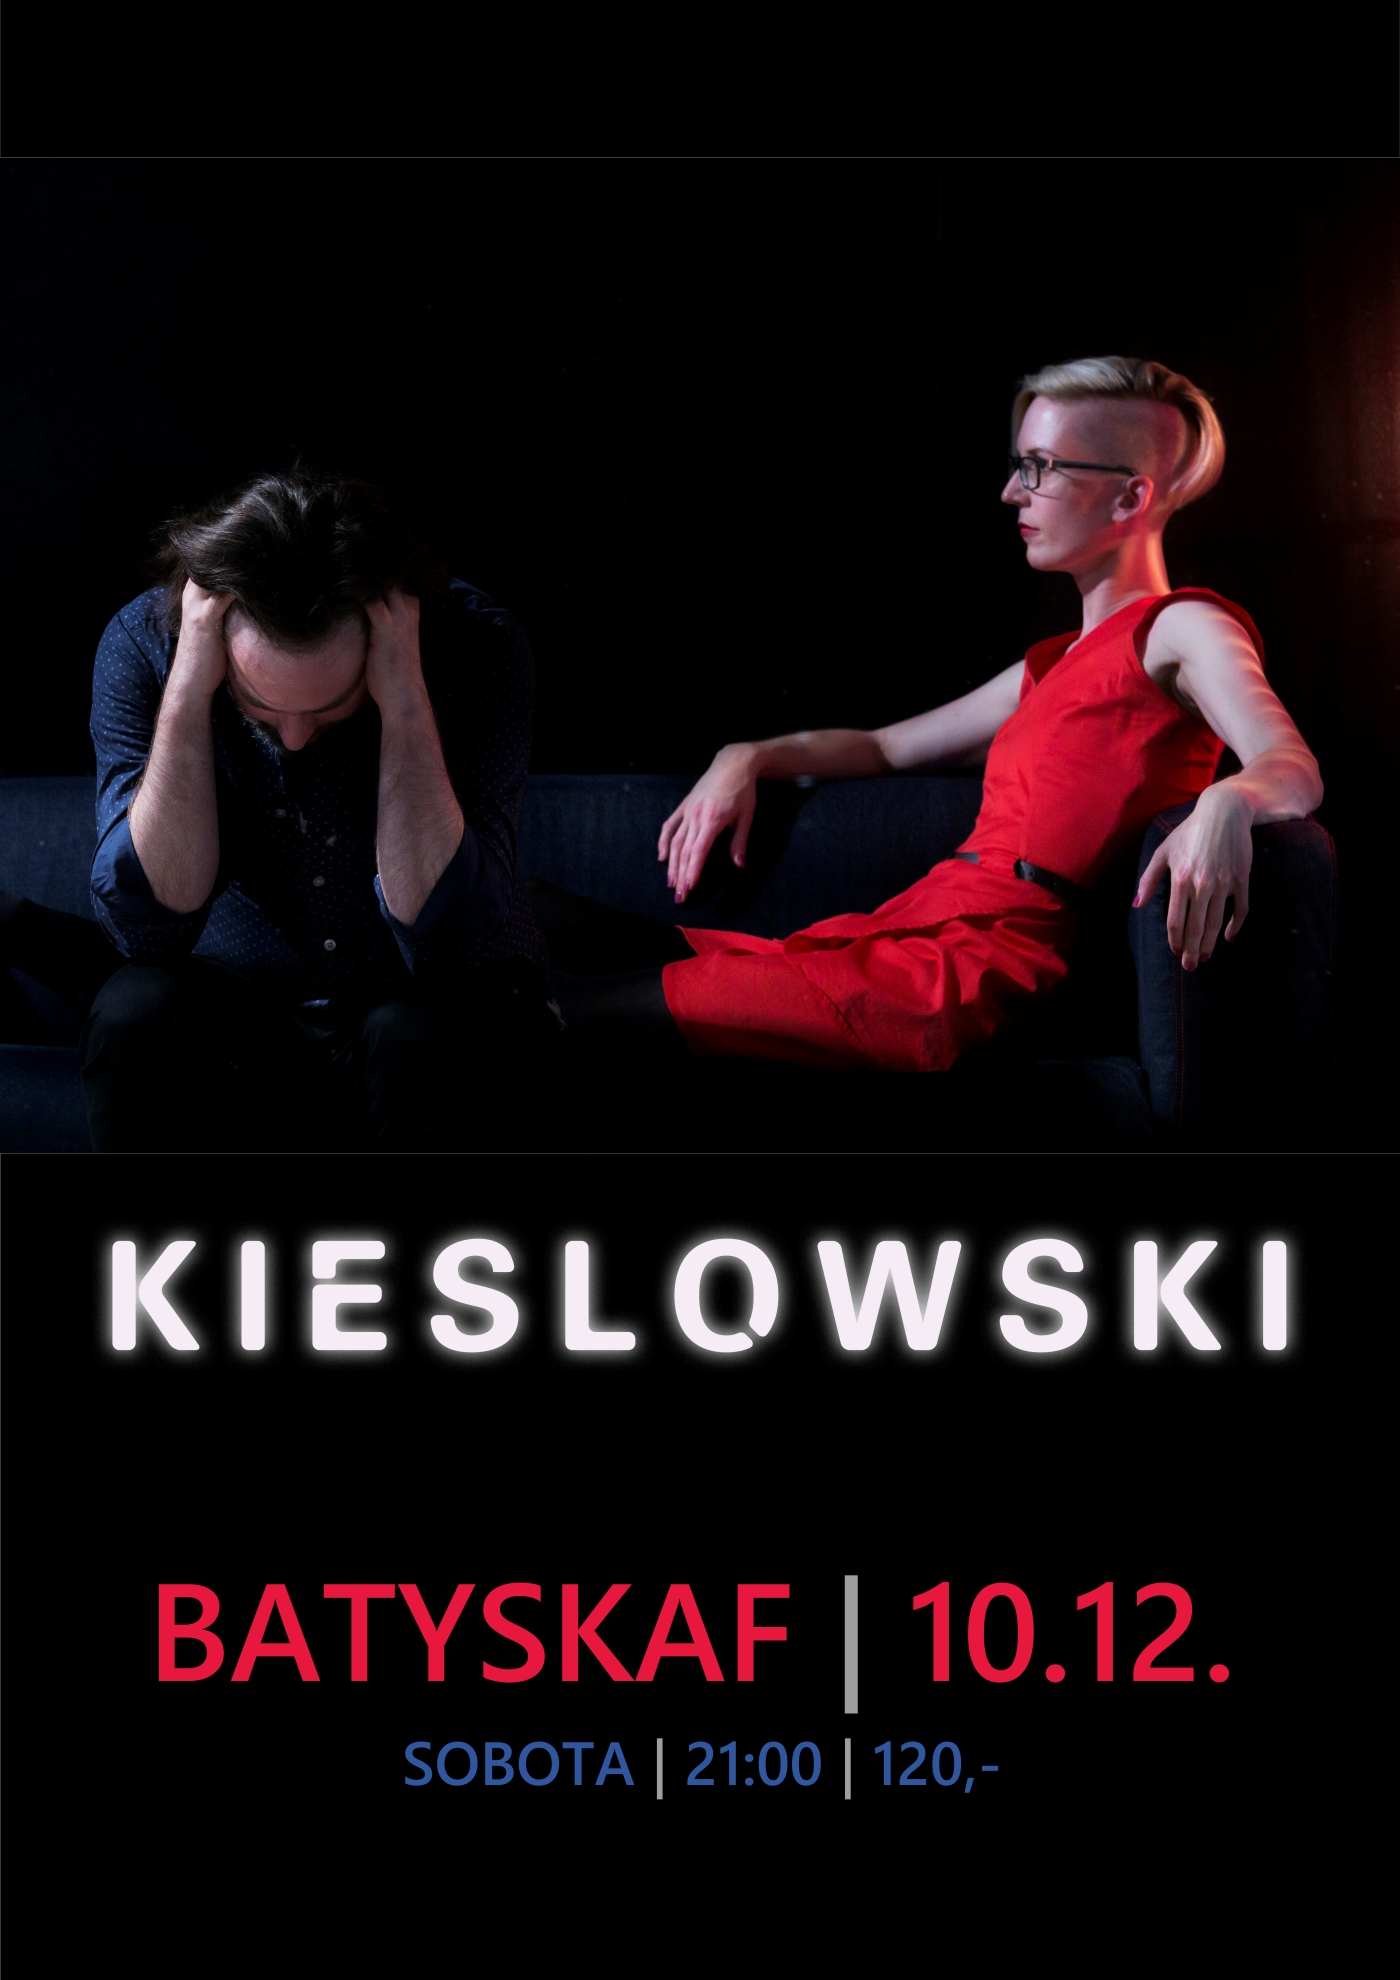 Kieslowski